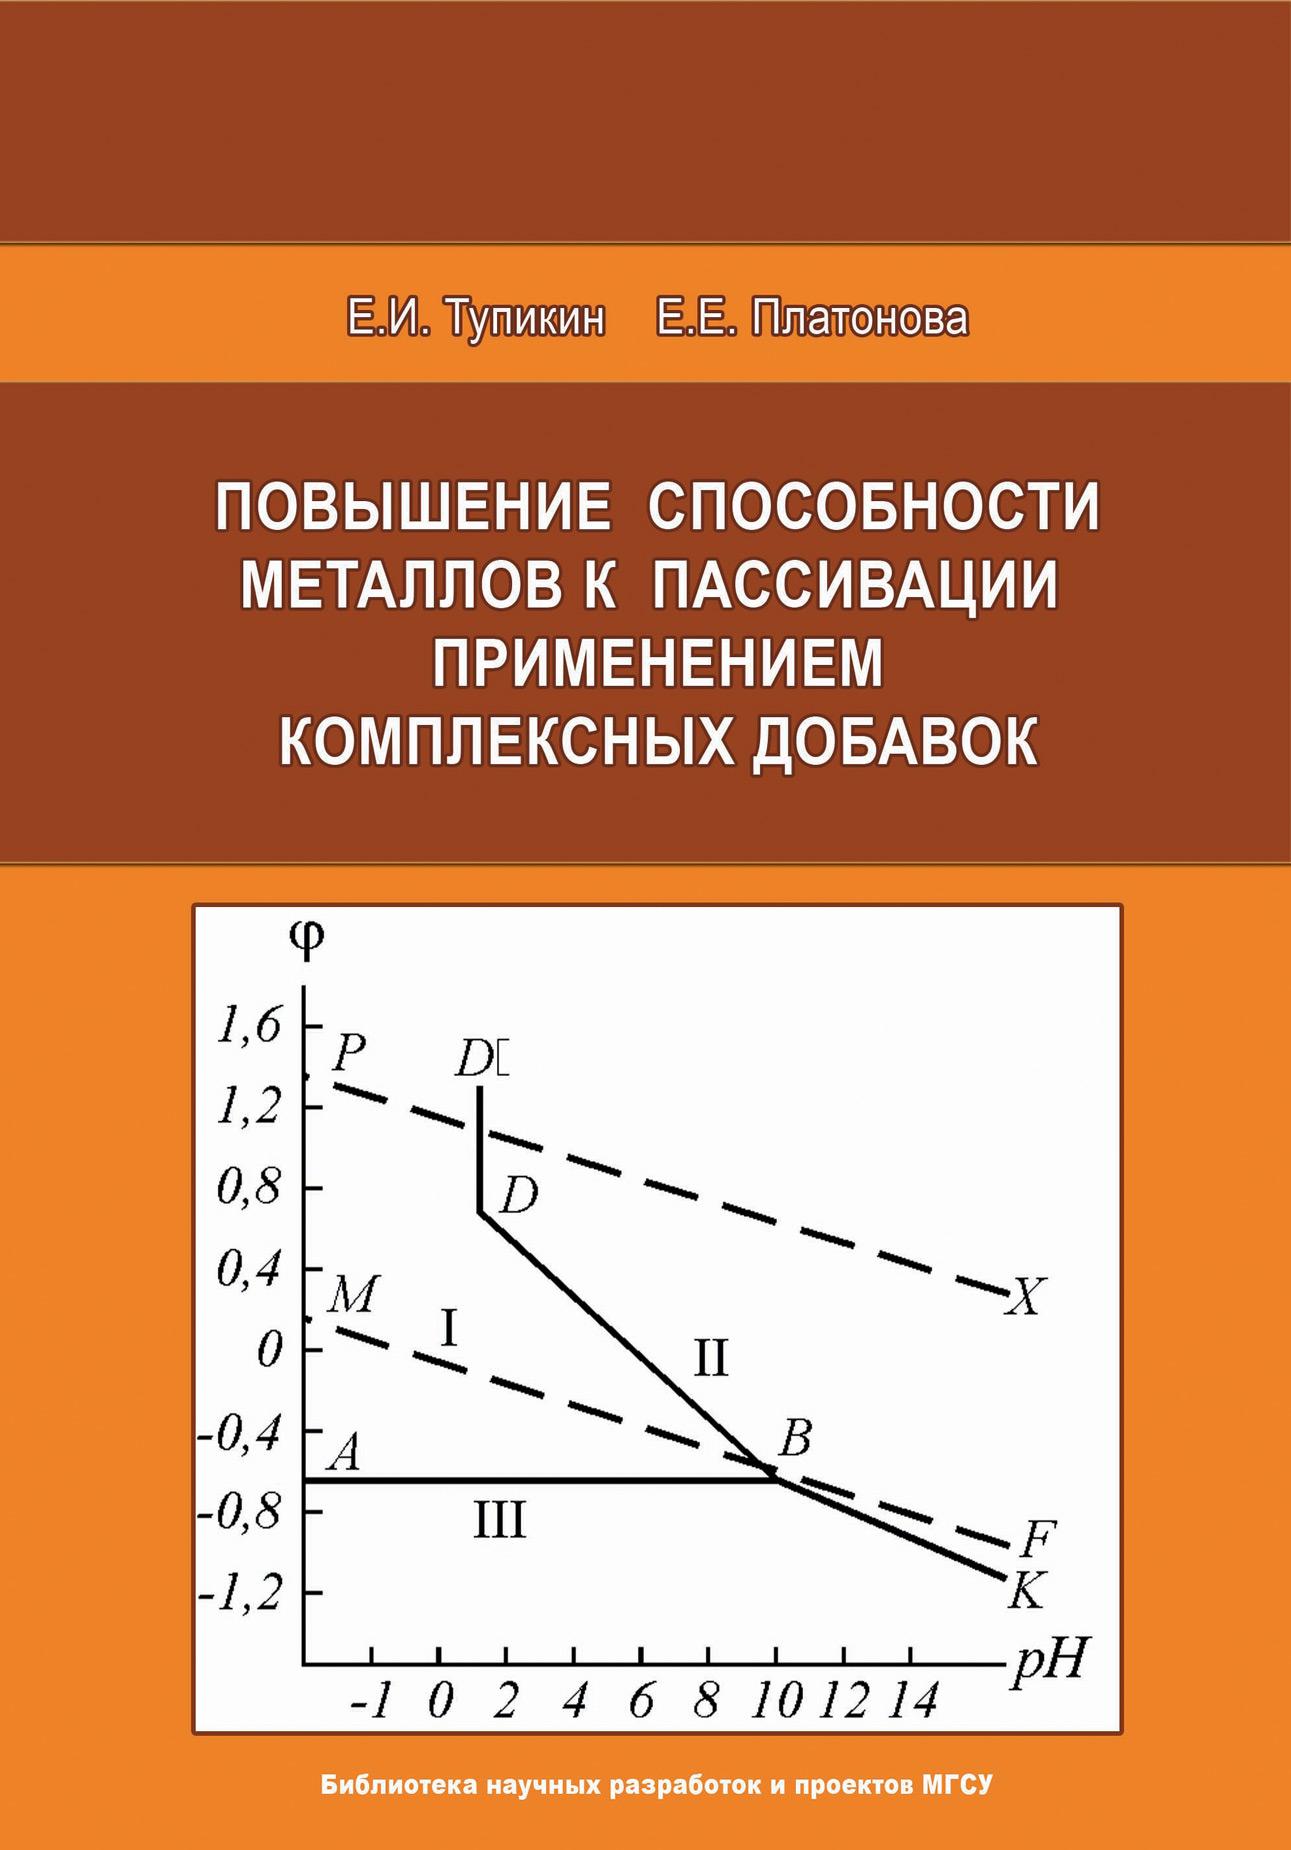 Е. И. Тупикин Повышение способности металлов к пассивации применением комплексных добавок